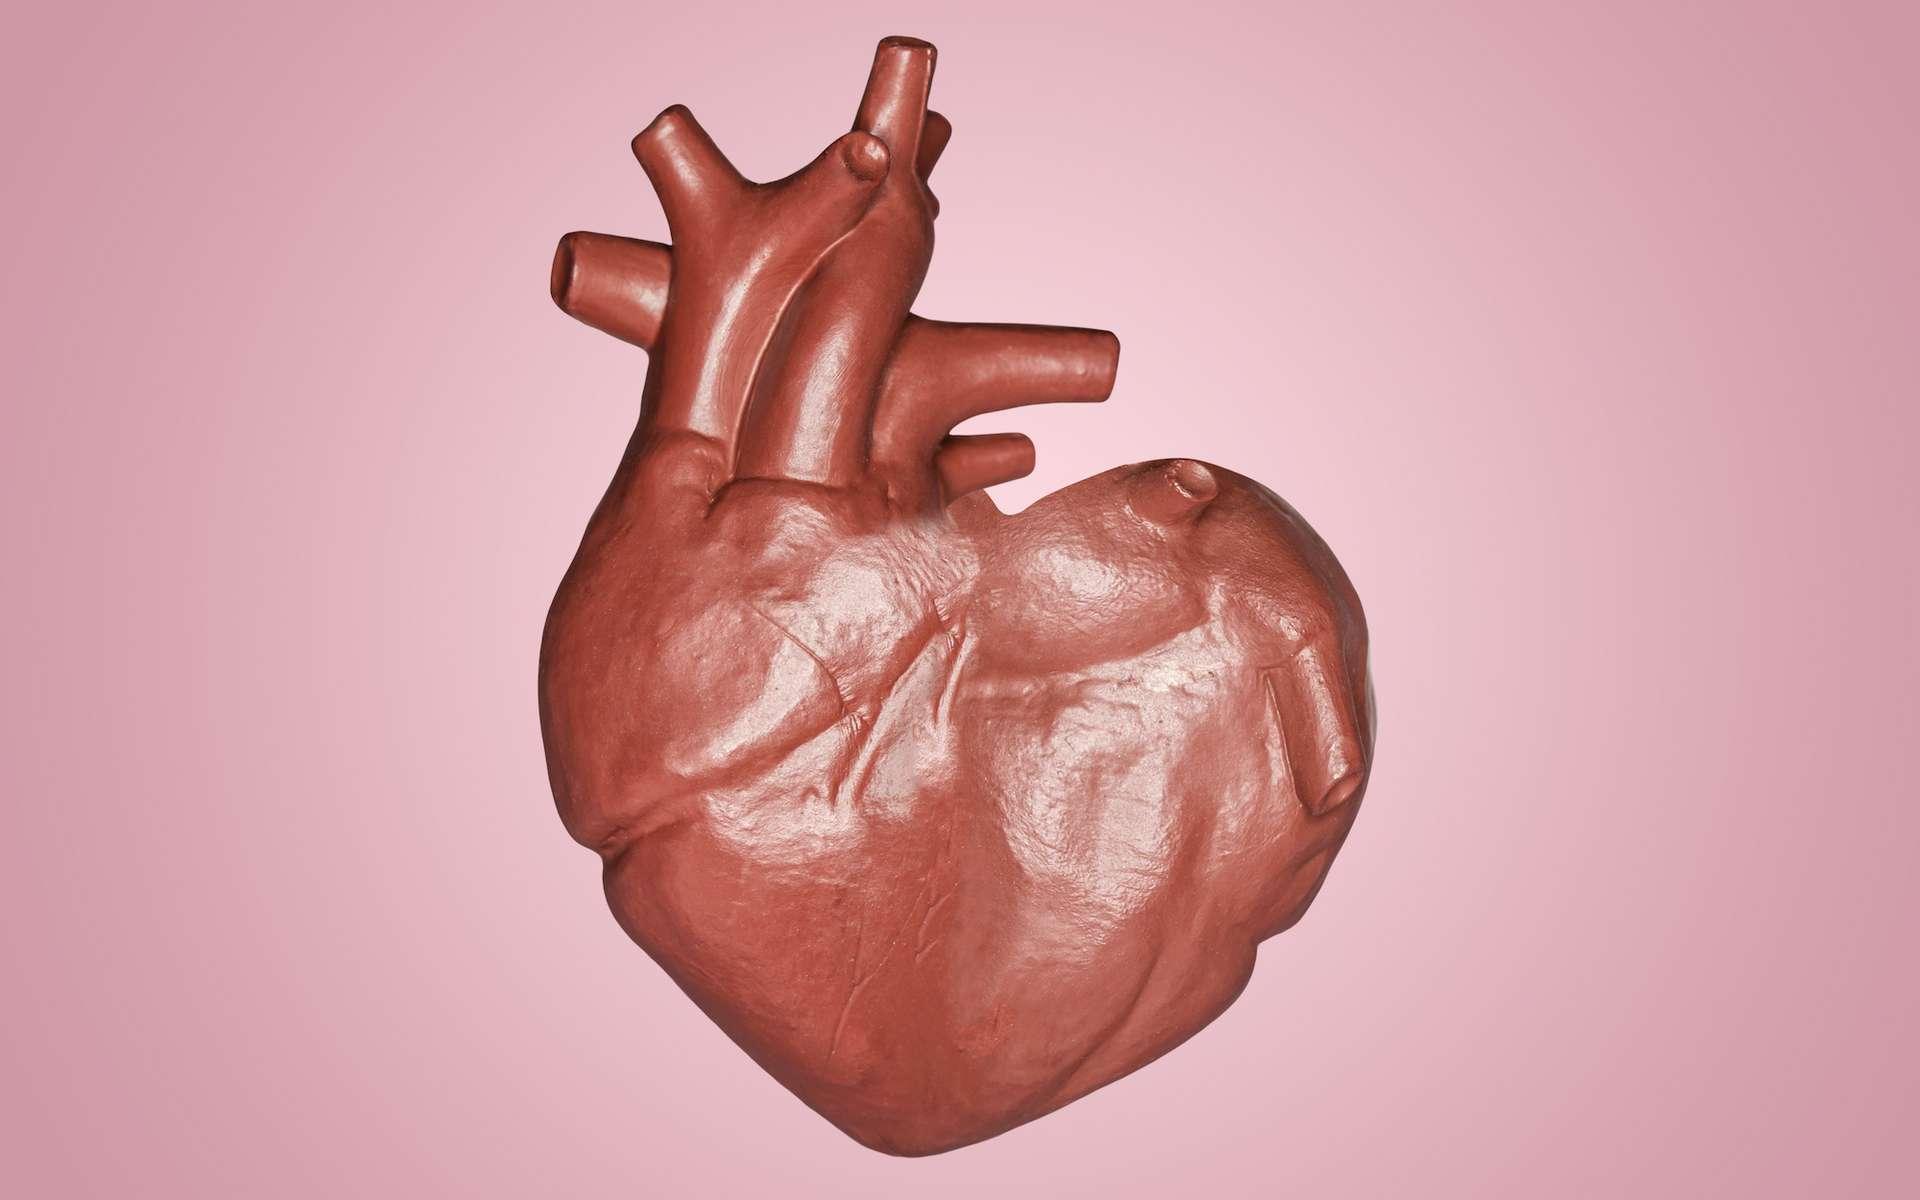 L'endocardite est une inflammation de l'endocarde, la paroir interne du cœur. © Nitiphol, Adobe Stock